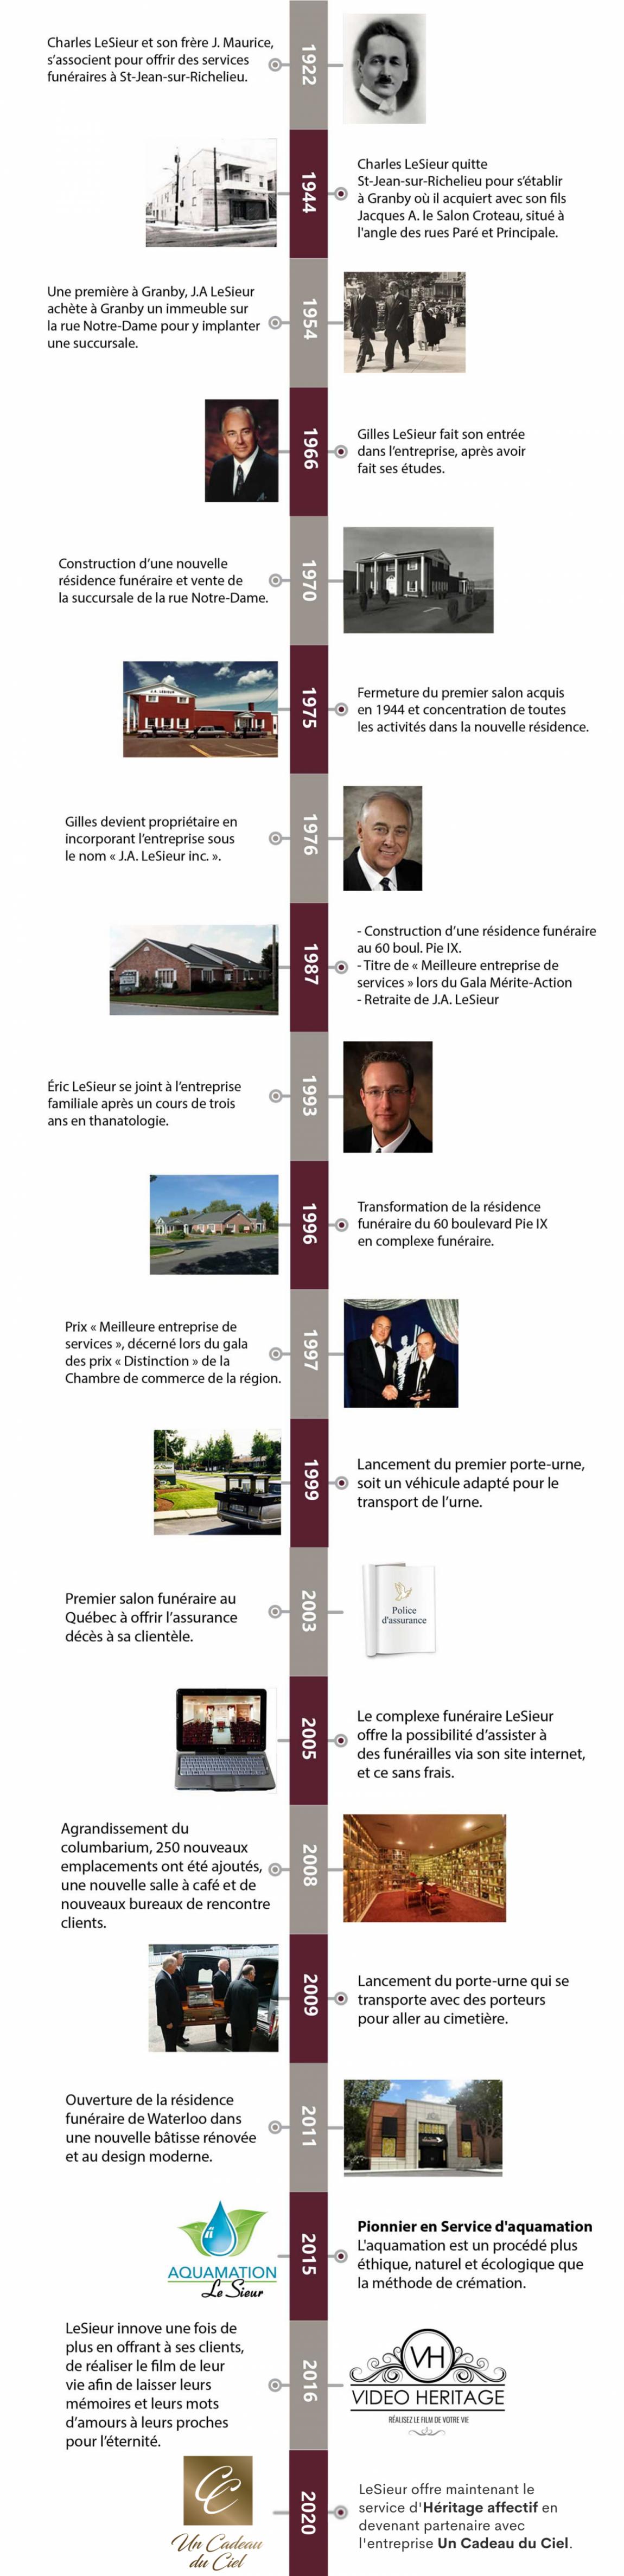 LeSieur-timeline-11-e1594235098351.png